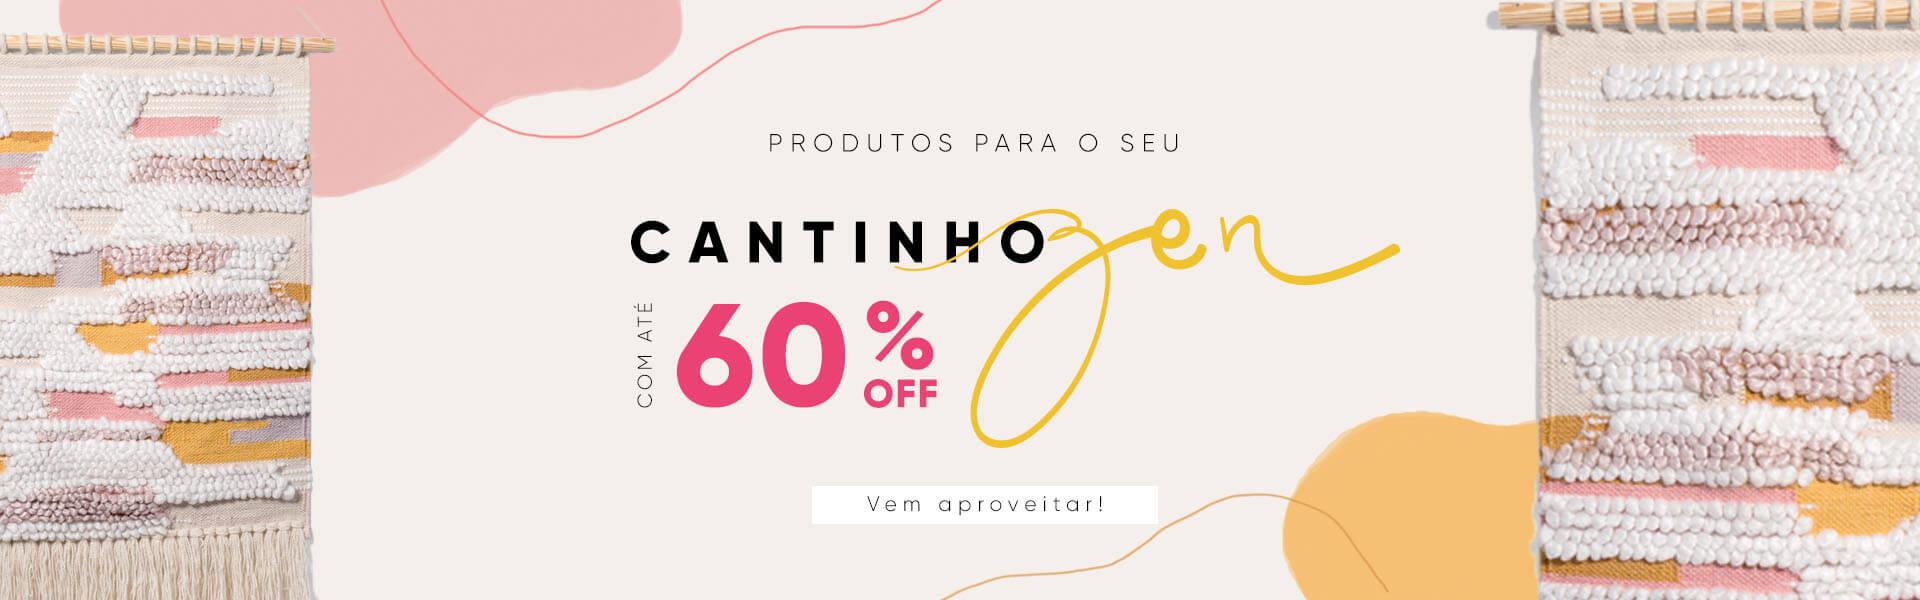 mind-cantinho-zen-banner-descktop